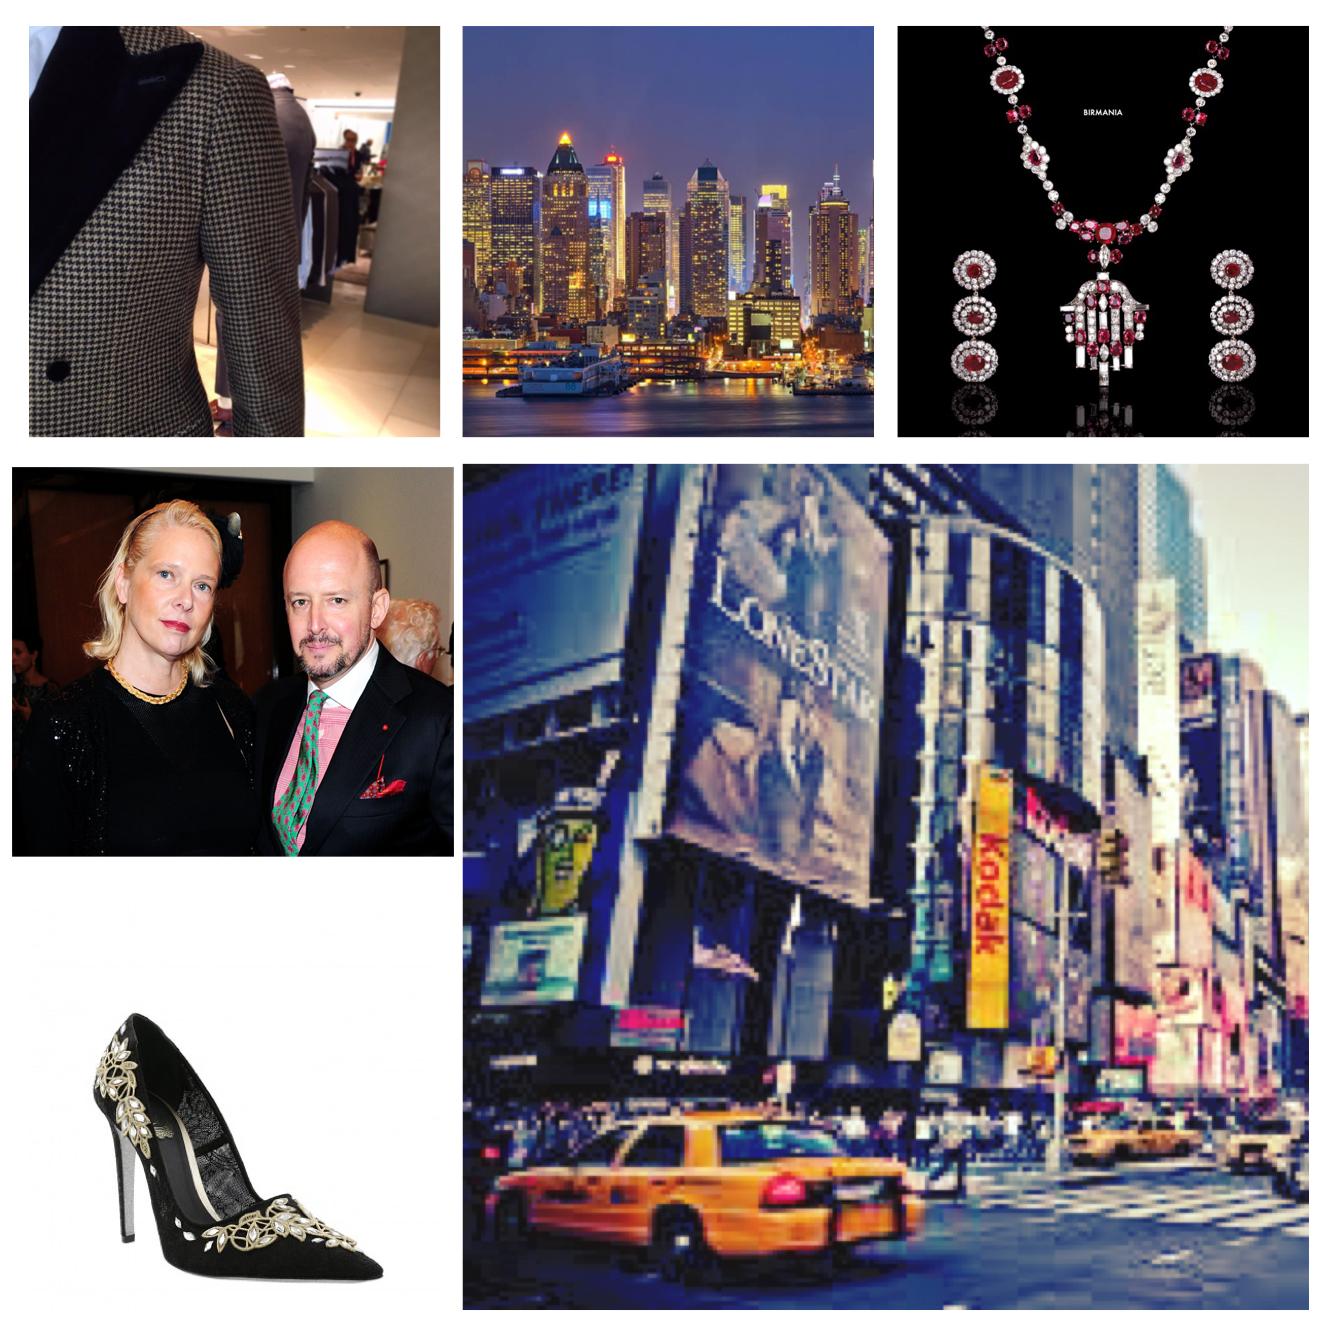 Sfilate.it – Per Lifeline un successo a New York